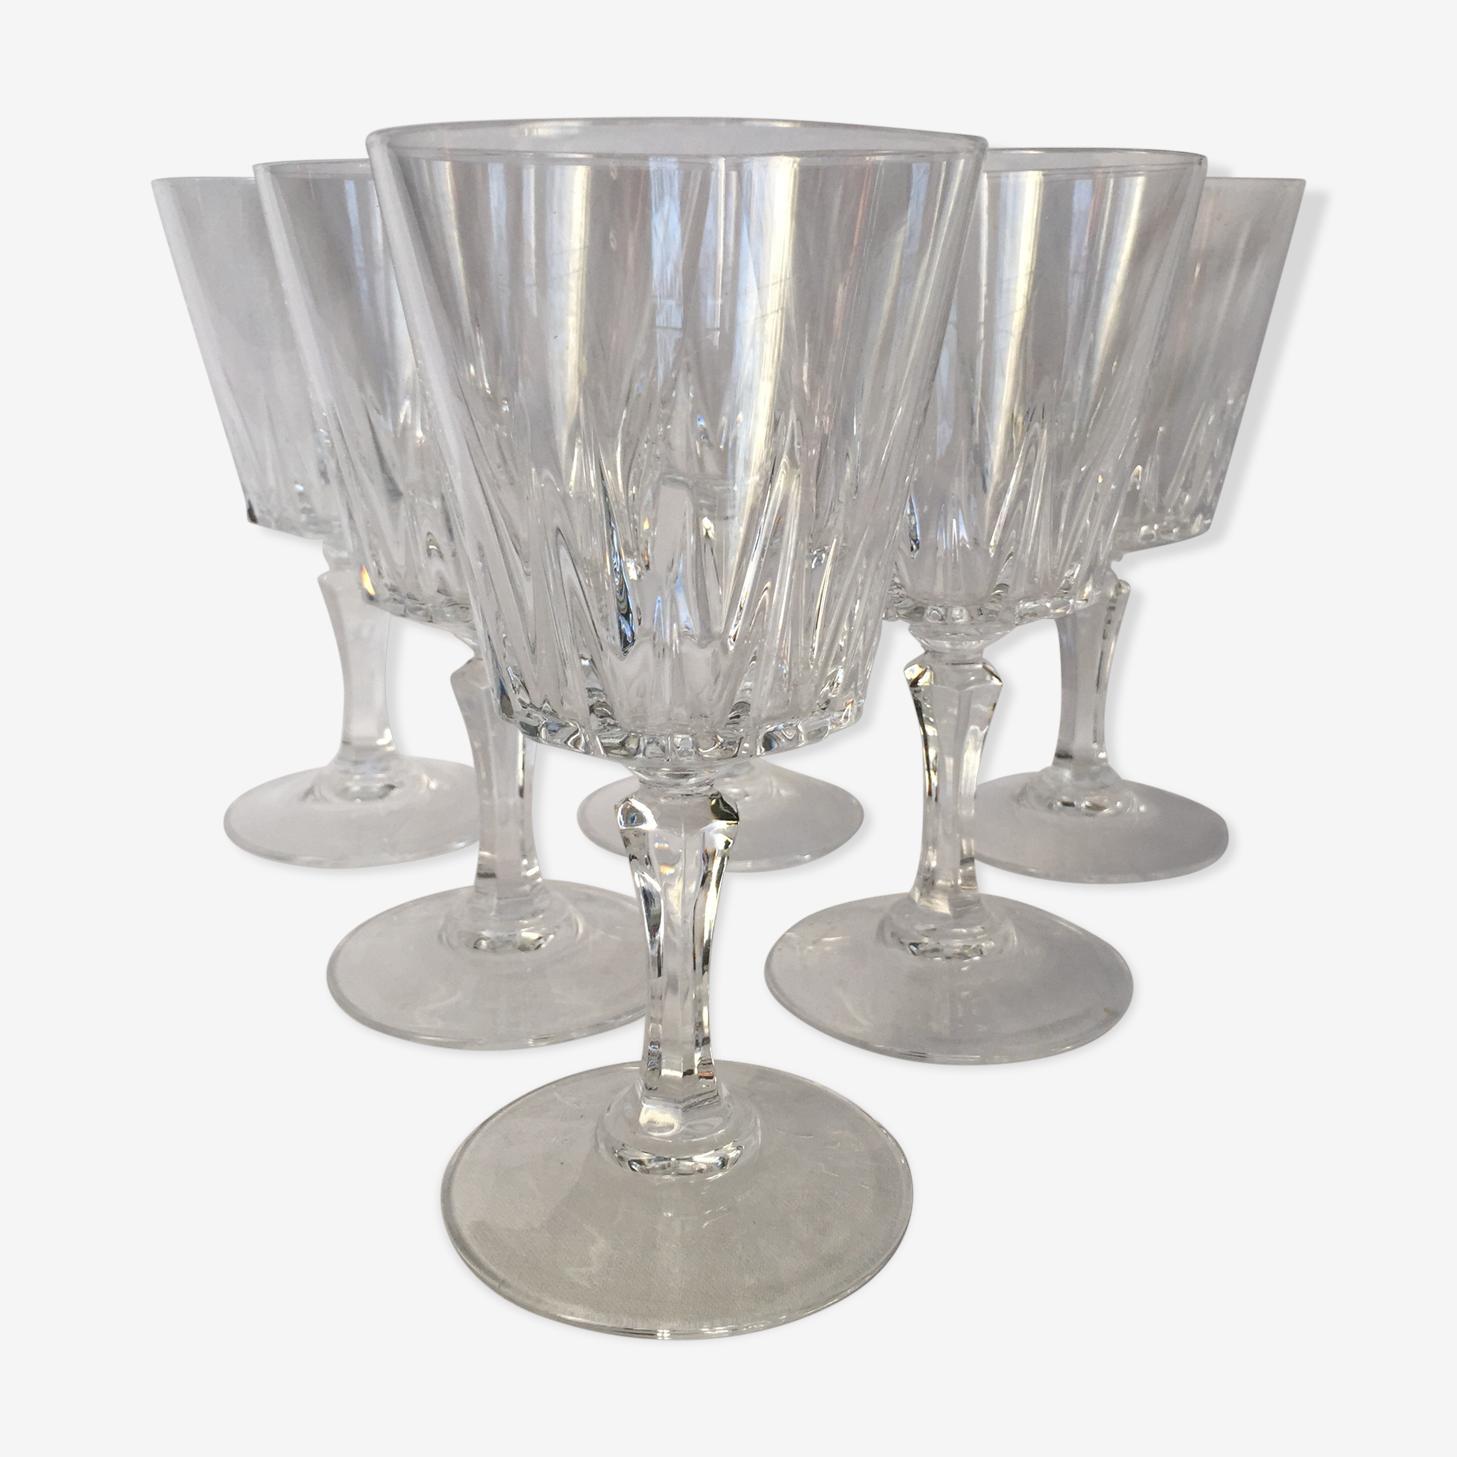 Ensemble de 6 verres en cristal taillé